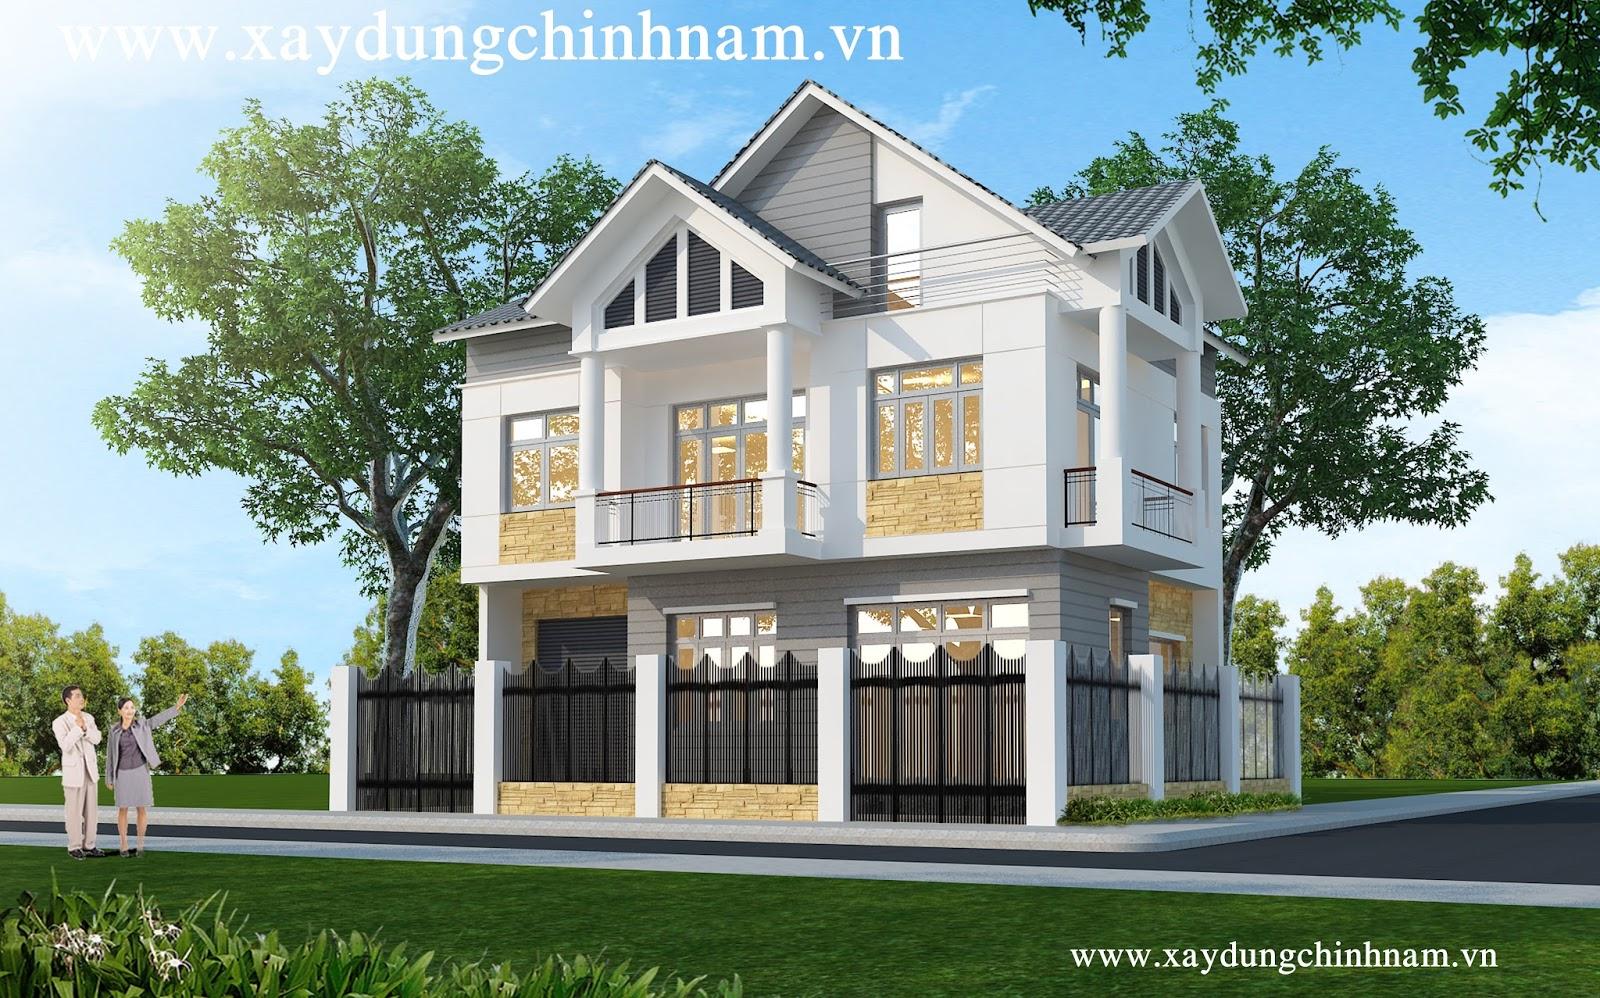 Thiết kế nhà thầy Đỗ Tấn Tùng ở Đồng Nai